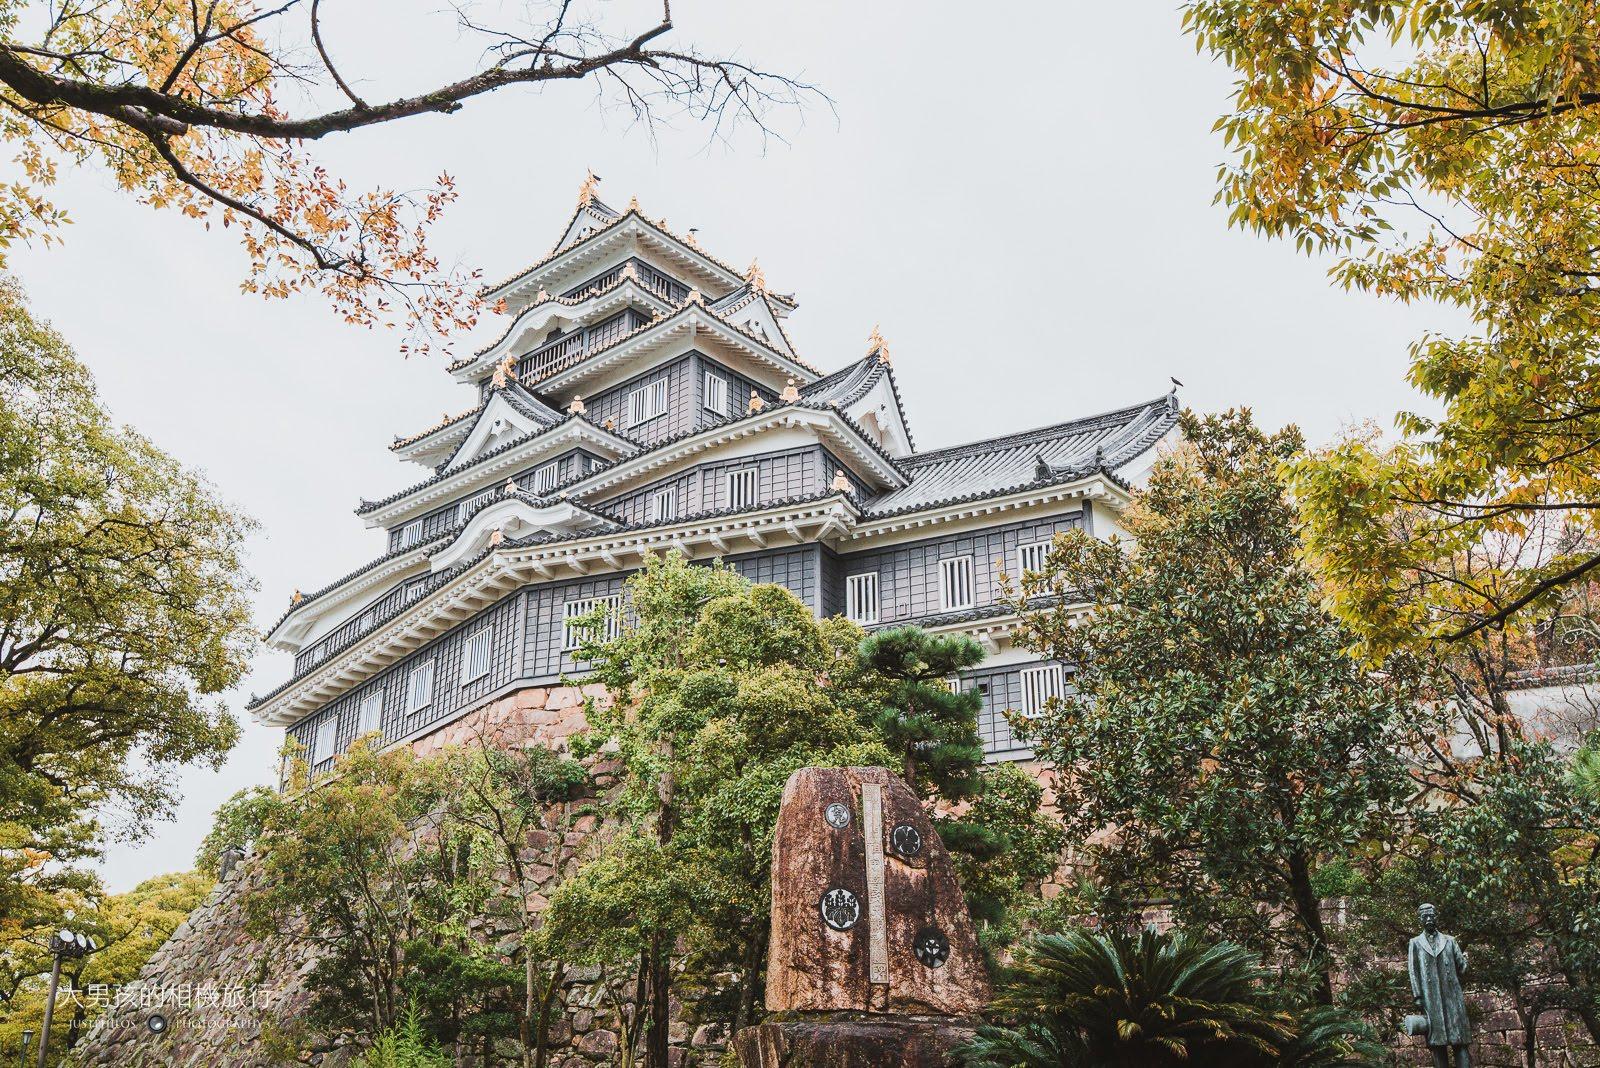 岡山城因外牆以大片黑漆為主,被稱為「烏城」。